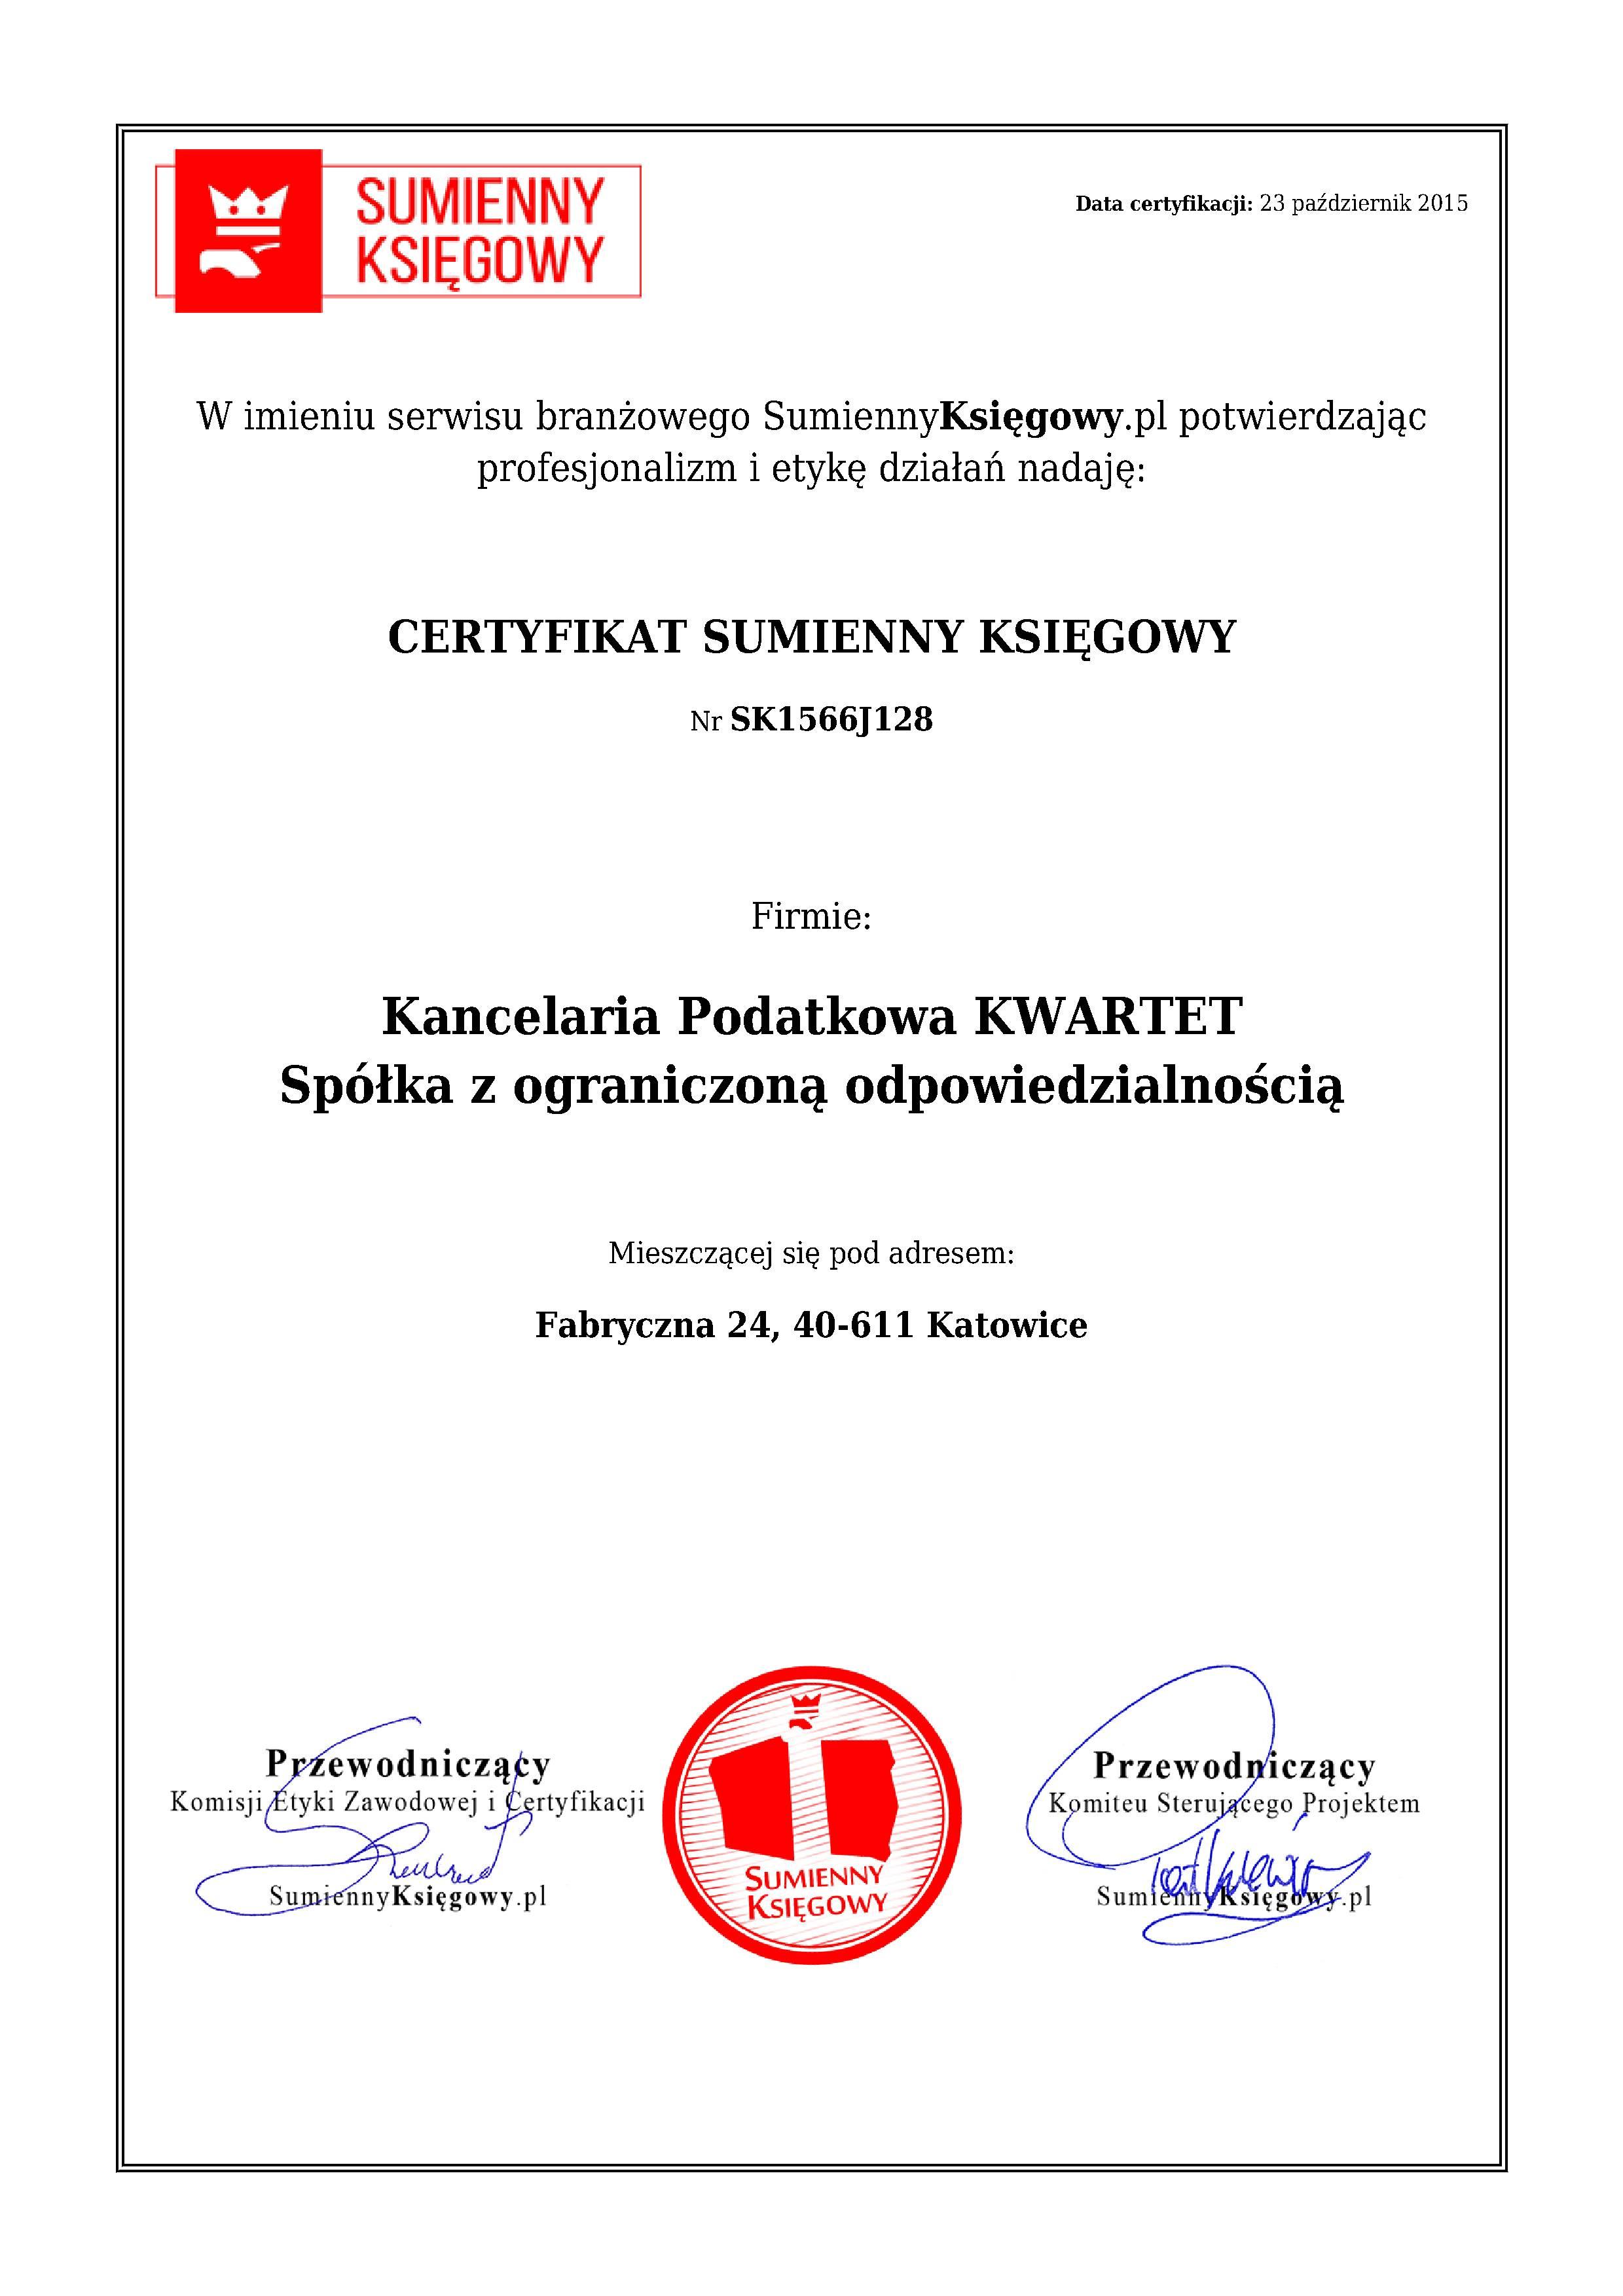 Certyfikat Kancelaria Podatkowa KWARTET Spółka z ograniczoną odpowiedzialnością